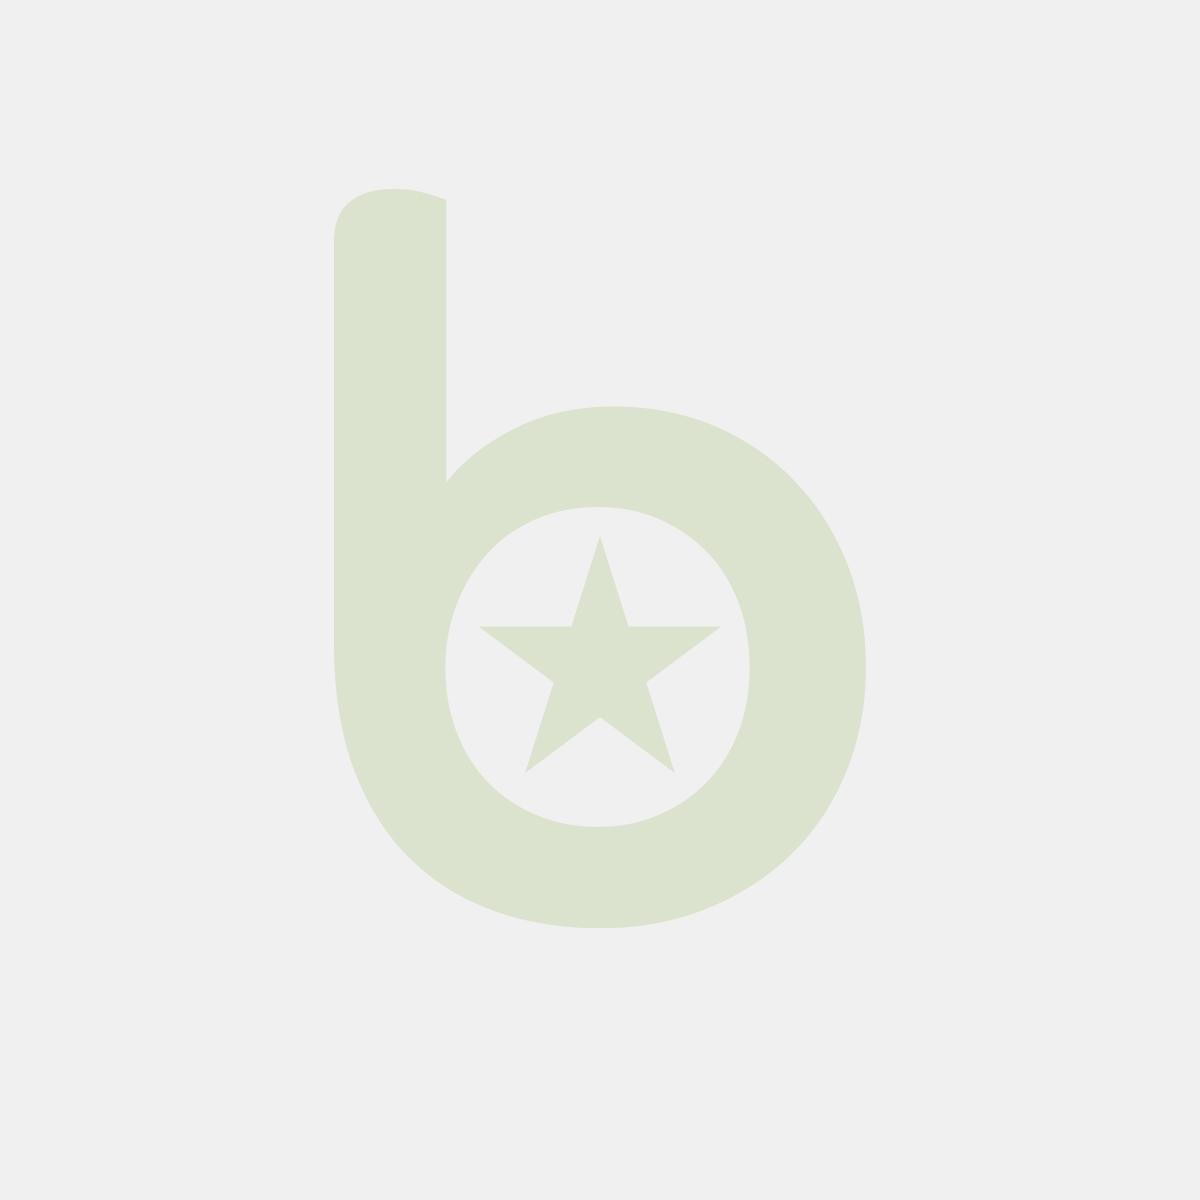 Przykrywka płaska do pucharka 800 i 1140, cena za opakowanie 50szt